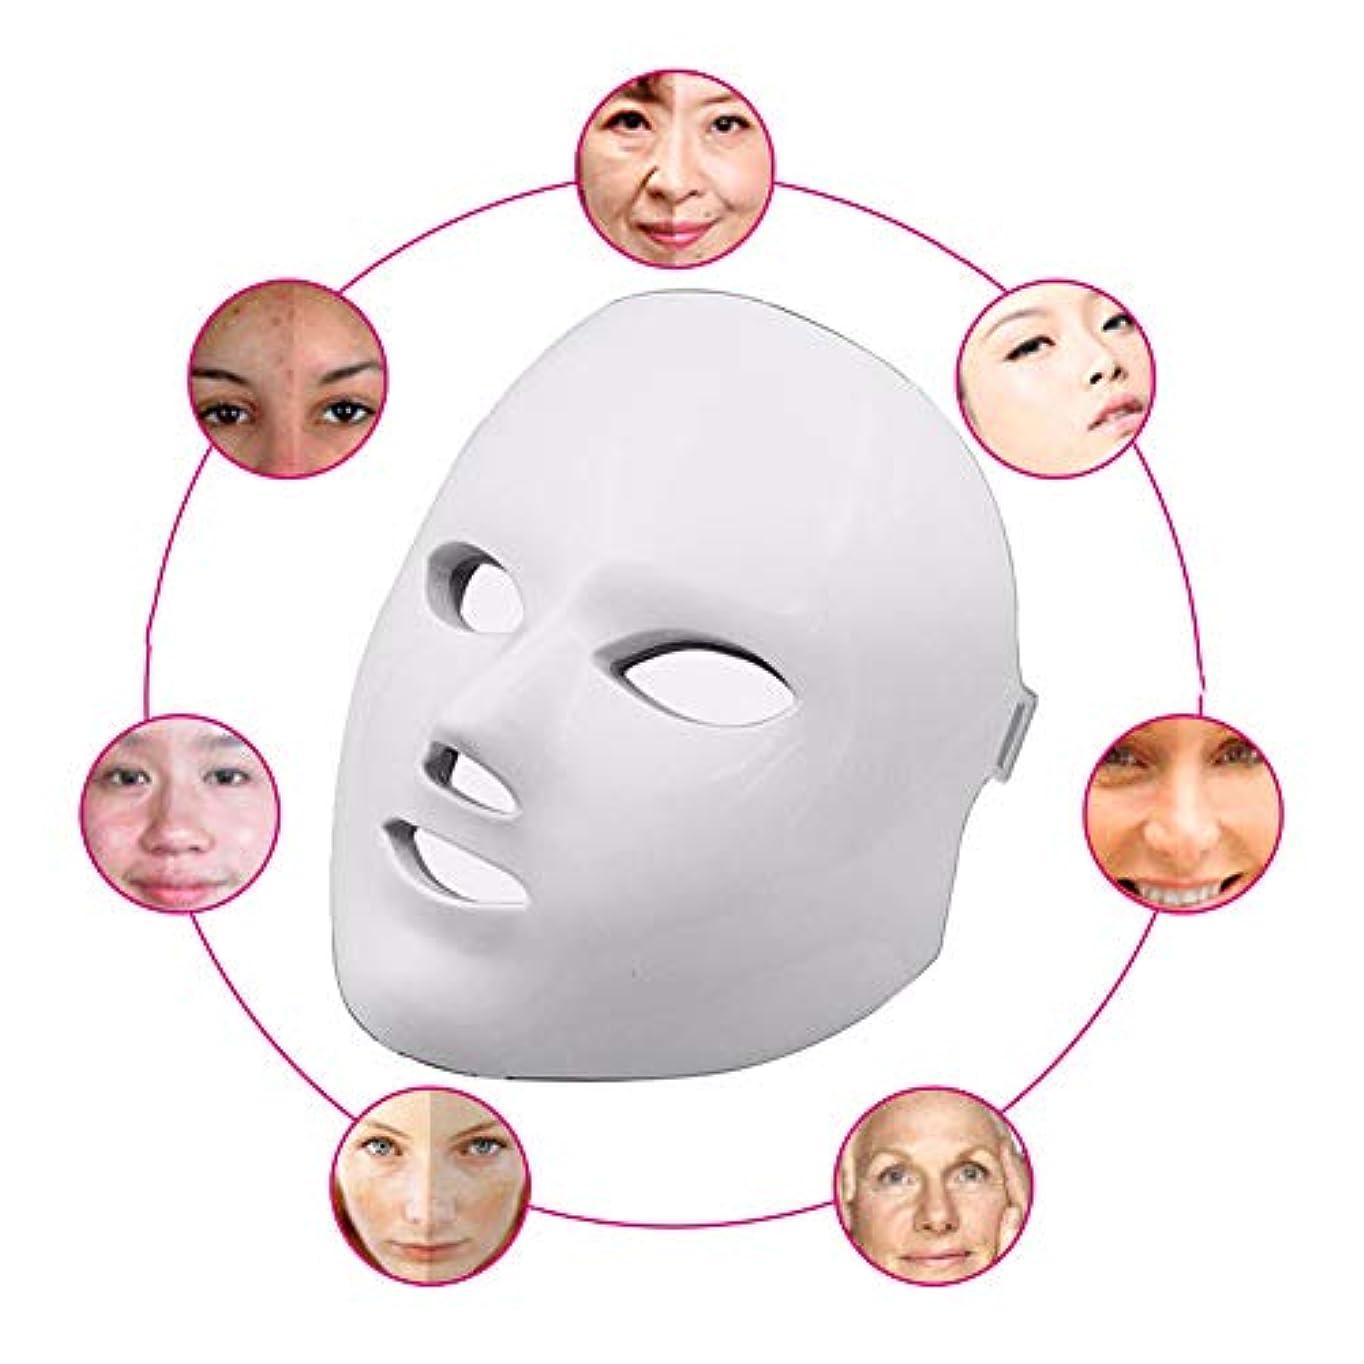 バウンド余韻感性赤色光光子治療機7色ledマスク再生PDT抗にきびしわ顔の美しさマッサージツール,White